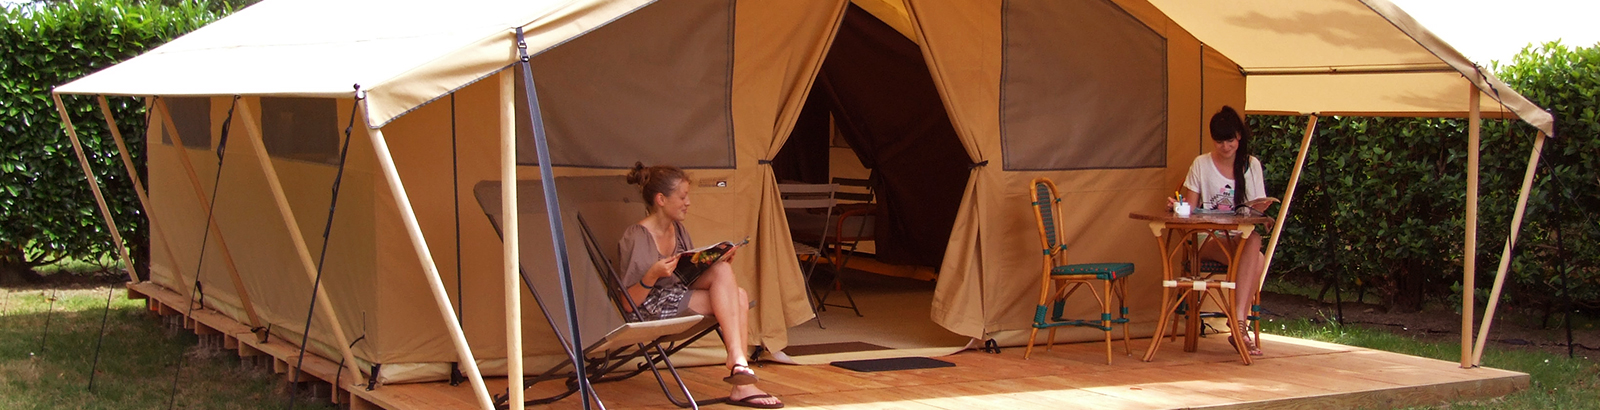 Vacances en camping confortables en tente meublée Safari